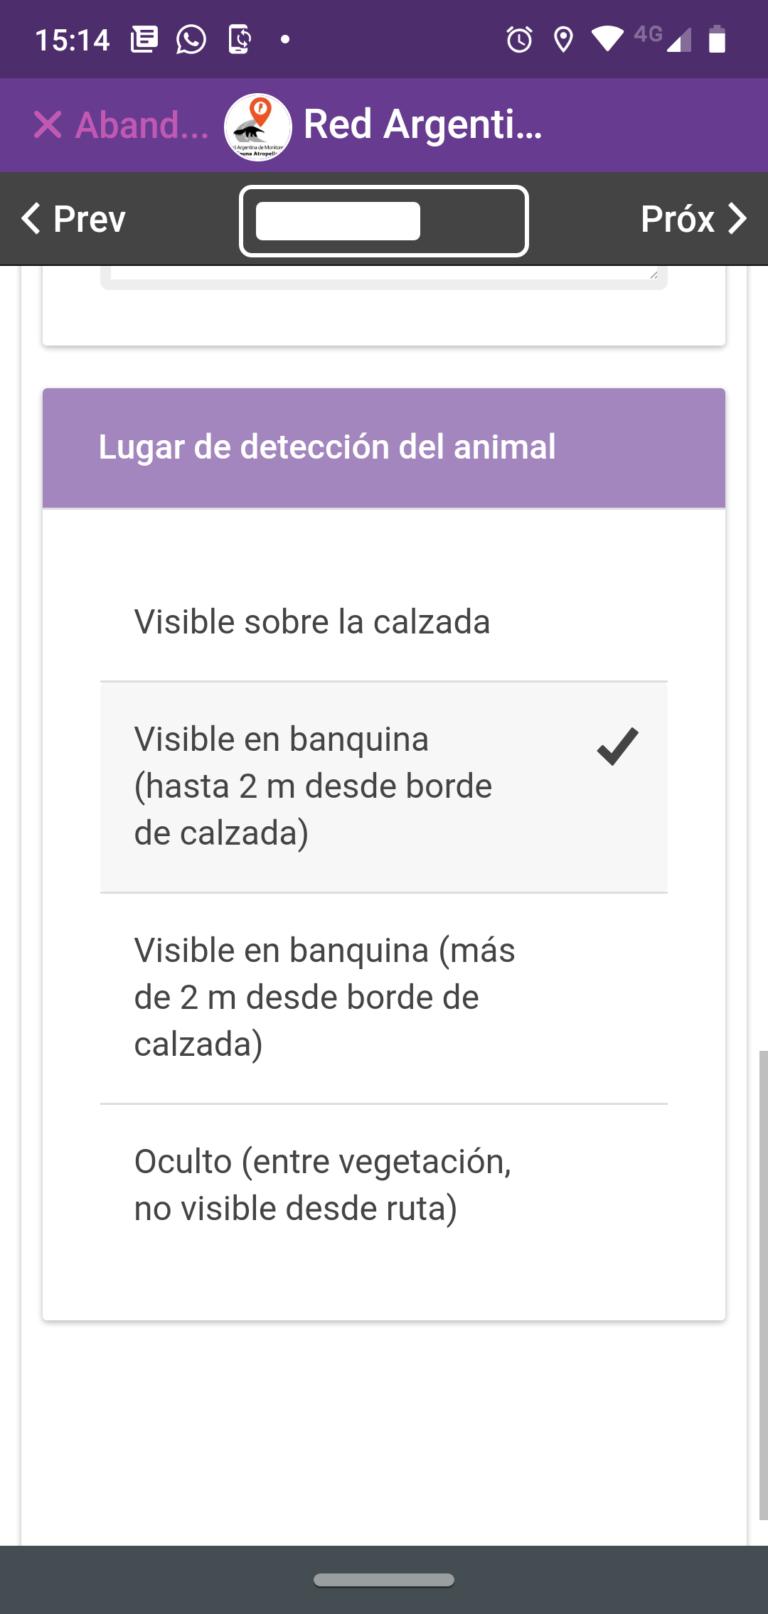 20- Ubicación del animal con respecto a la ruta